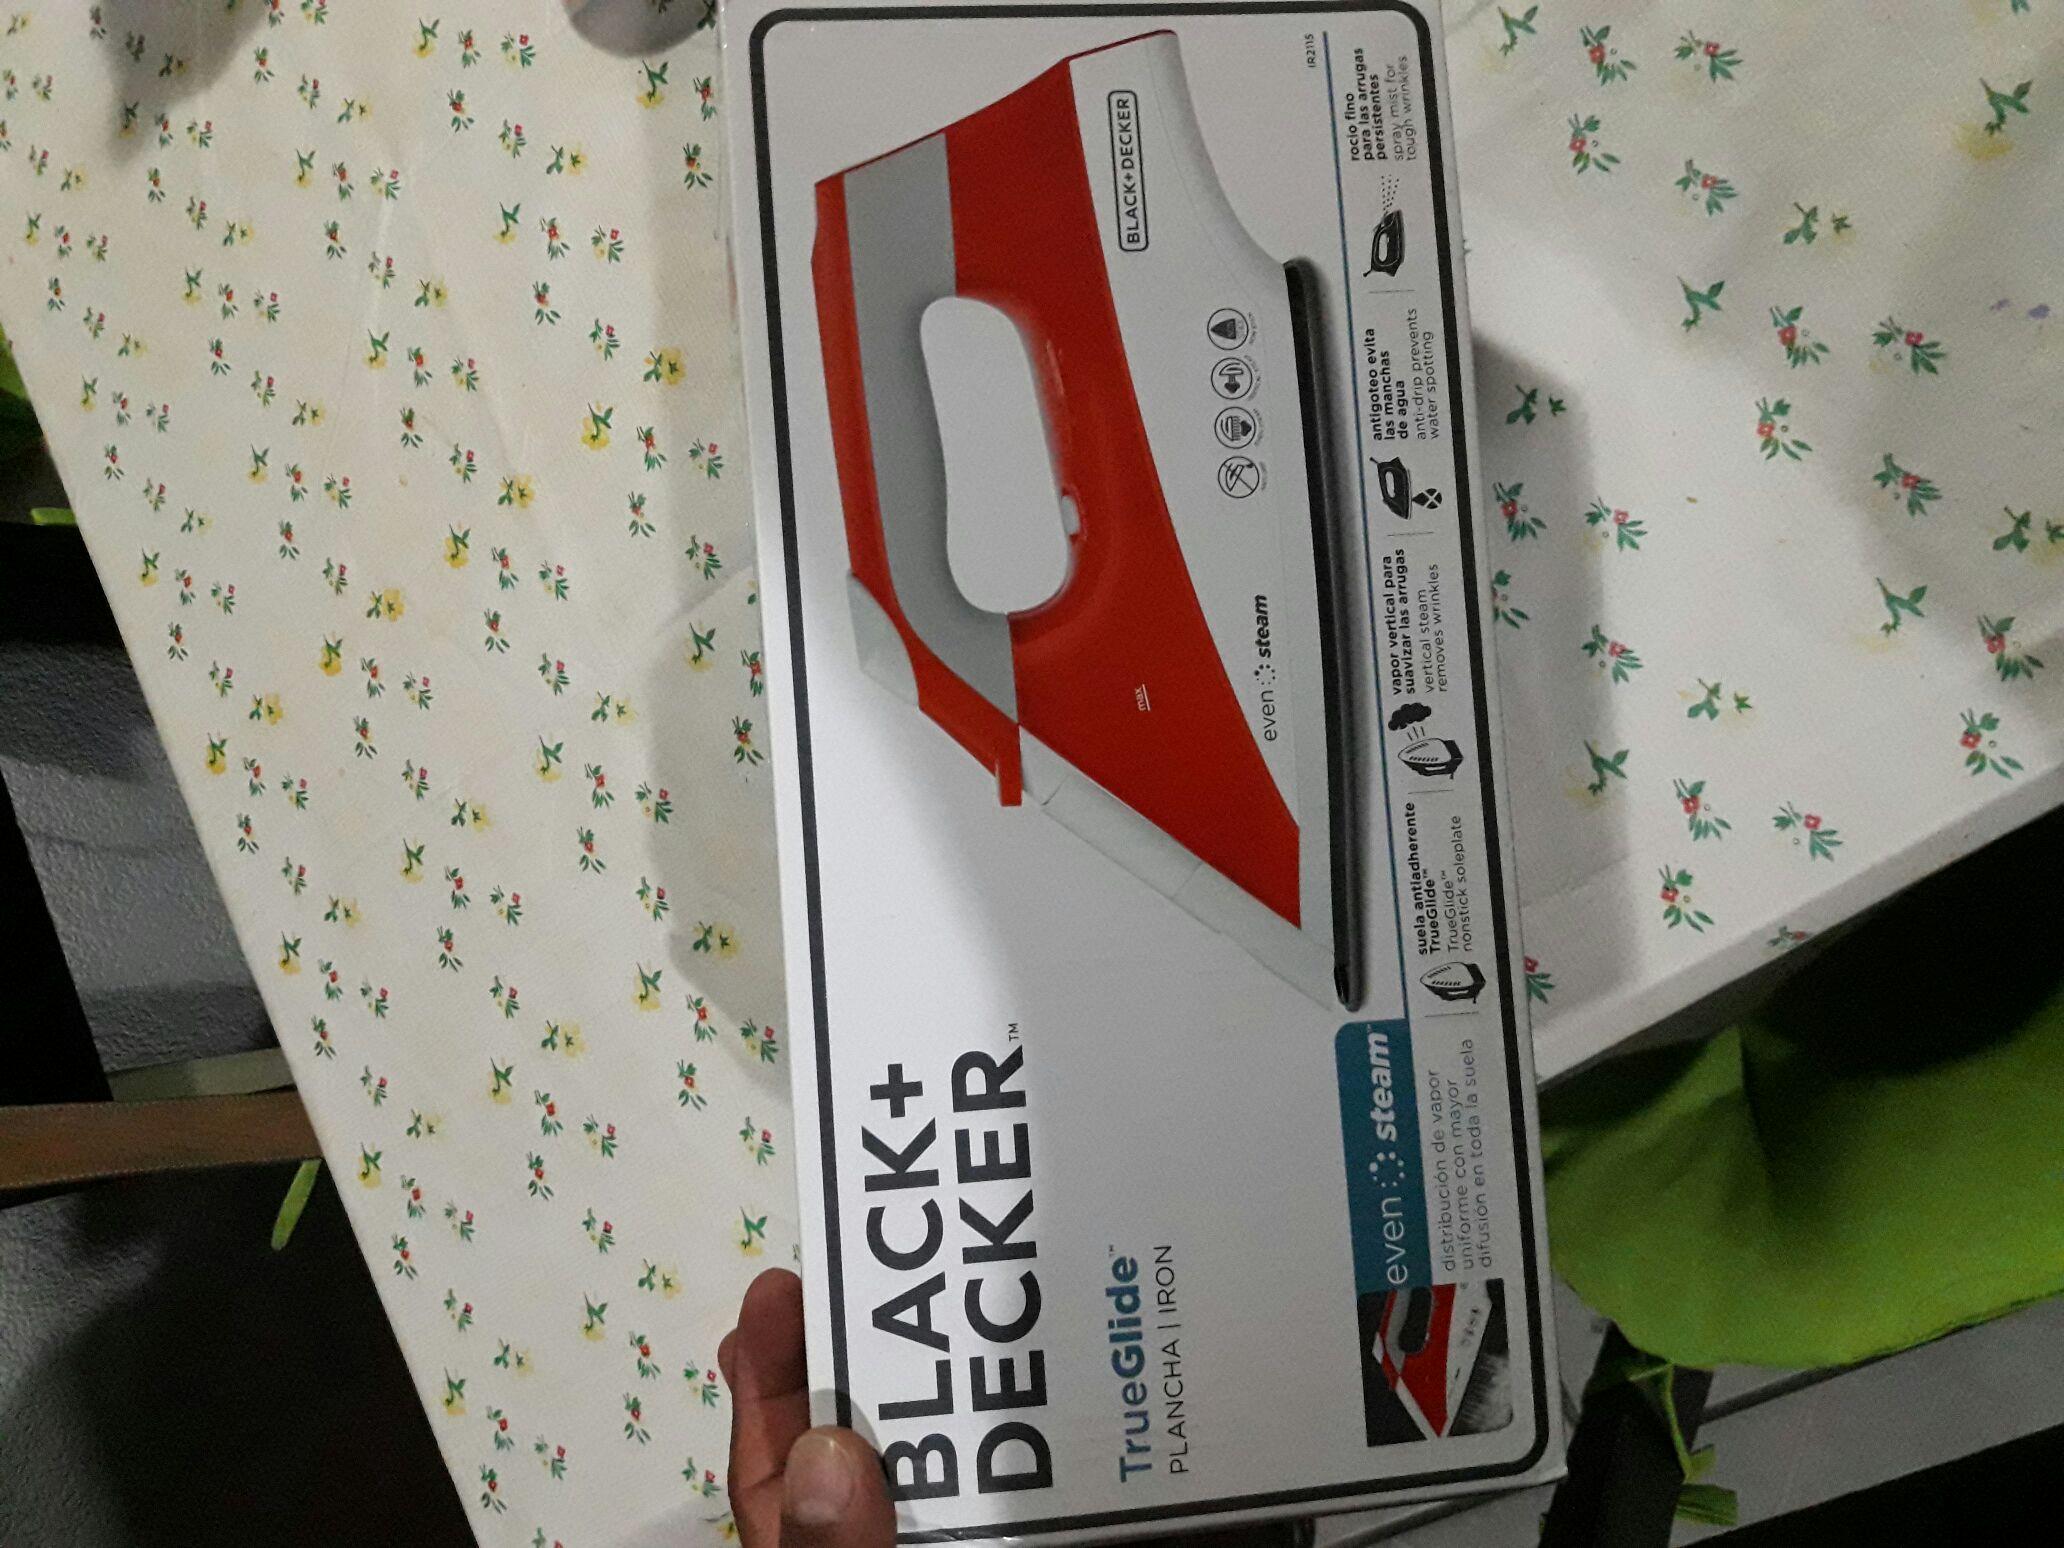 Walmart Salamanca: Plancha Black & Decker en última liquidación